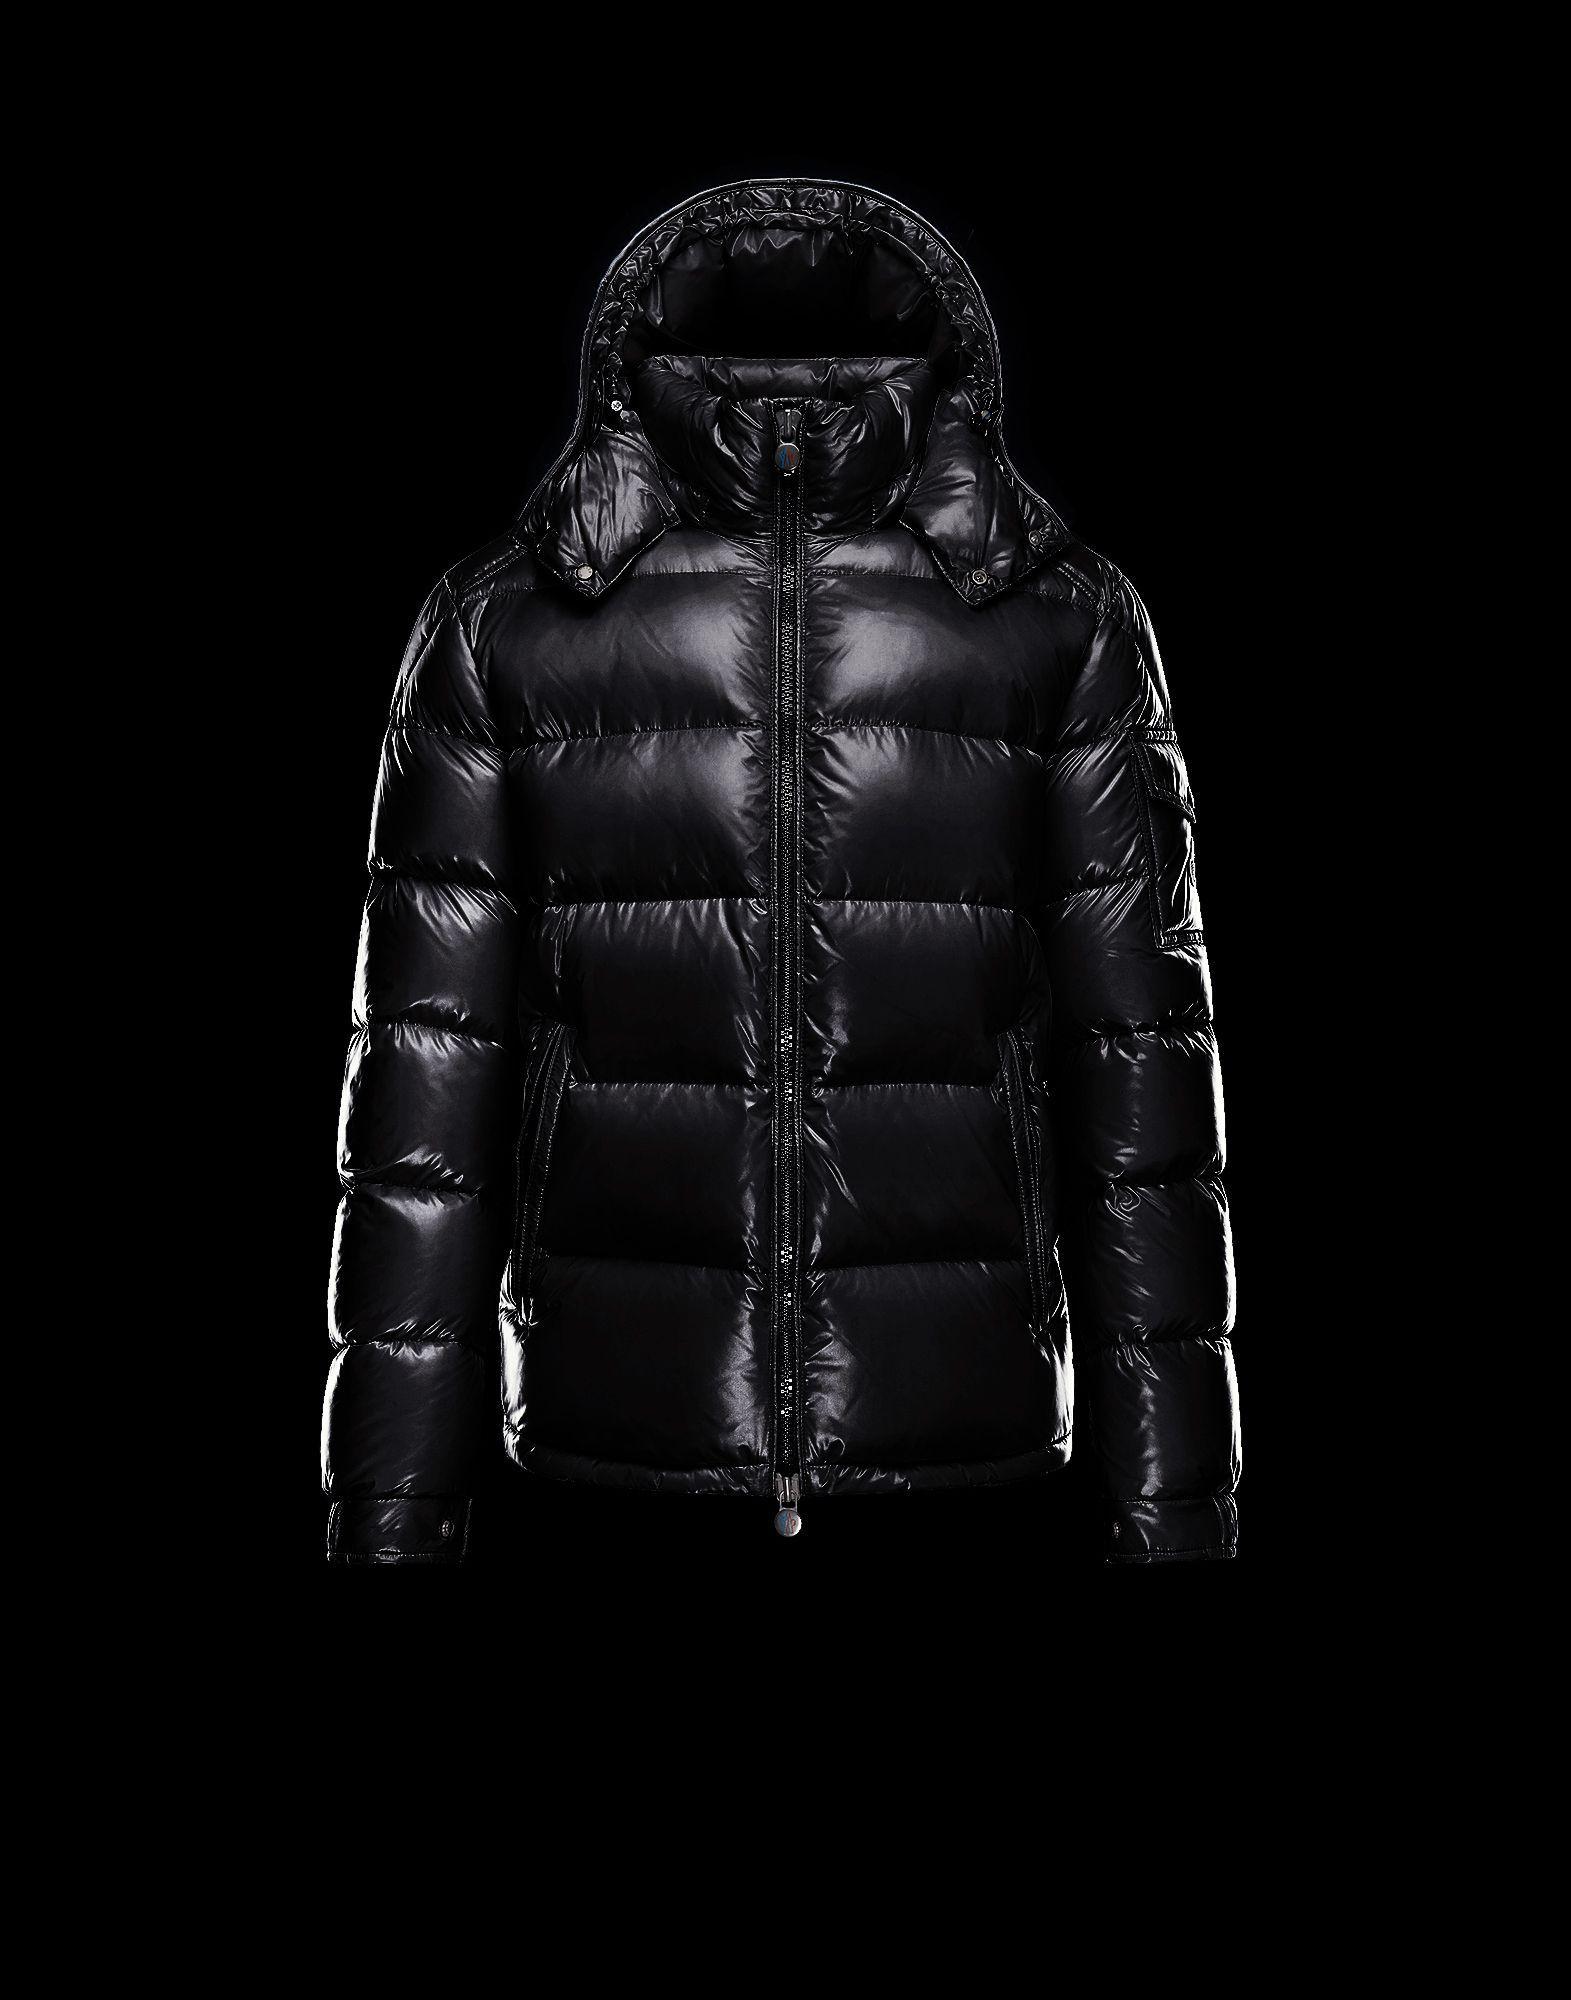 Maya Moncler, Moncler jacket, Jackets